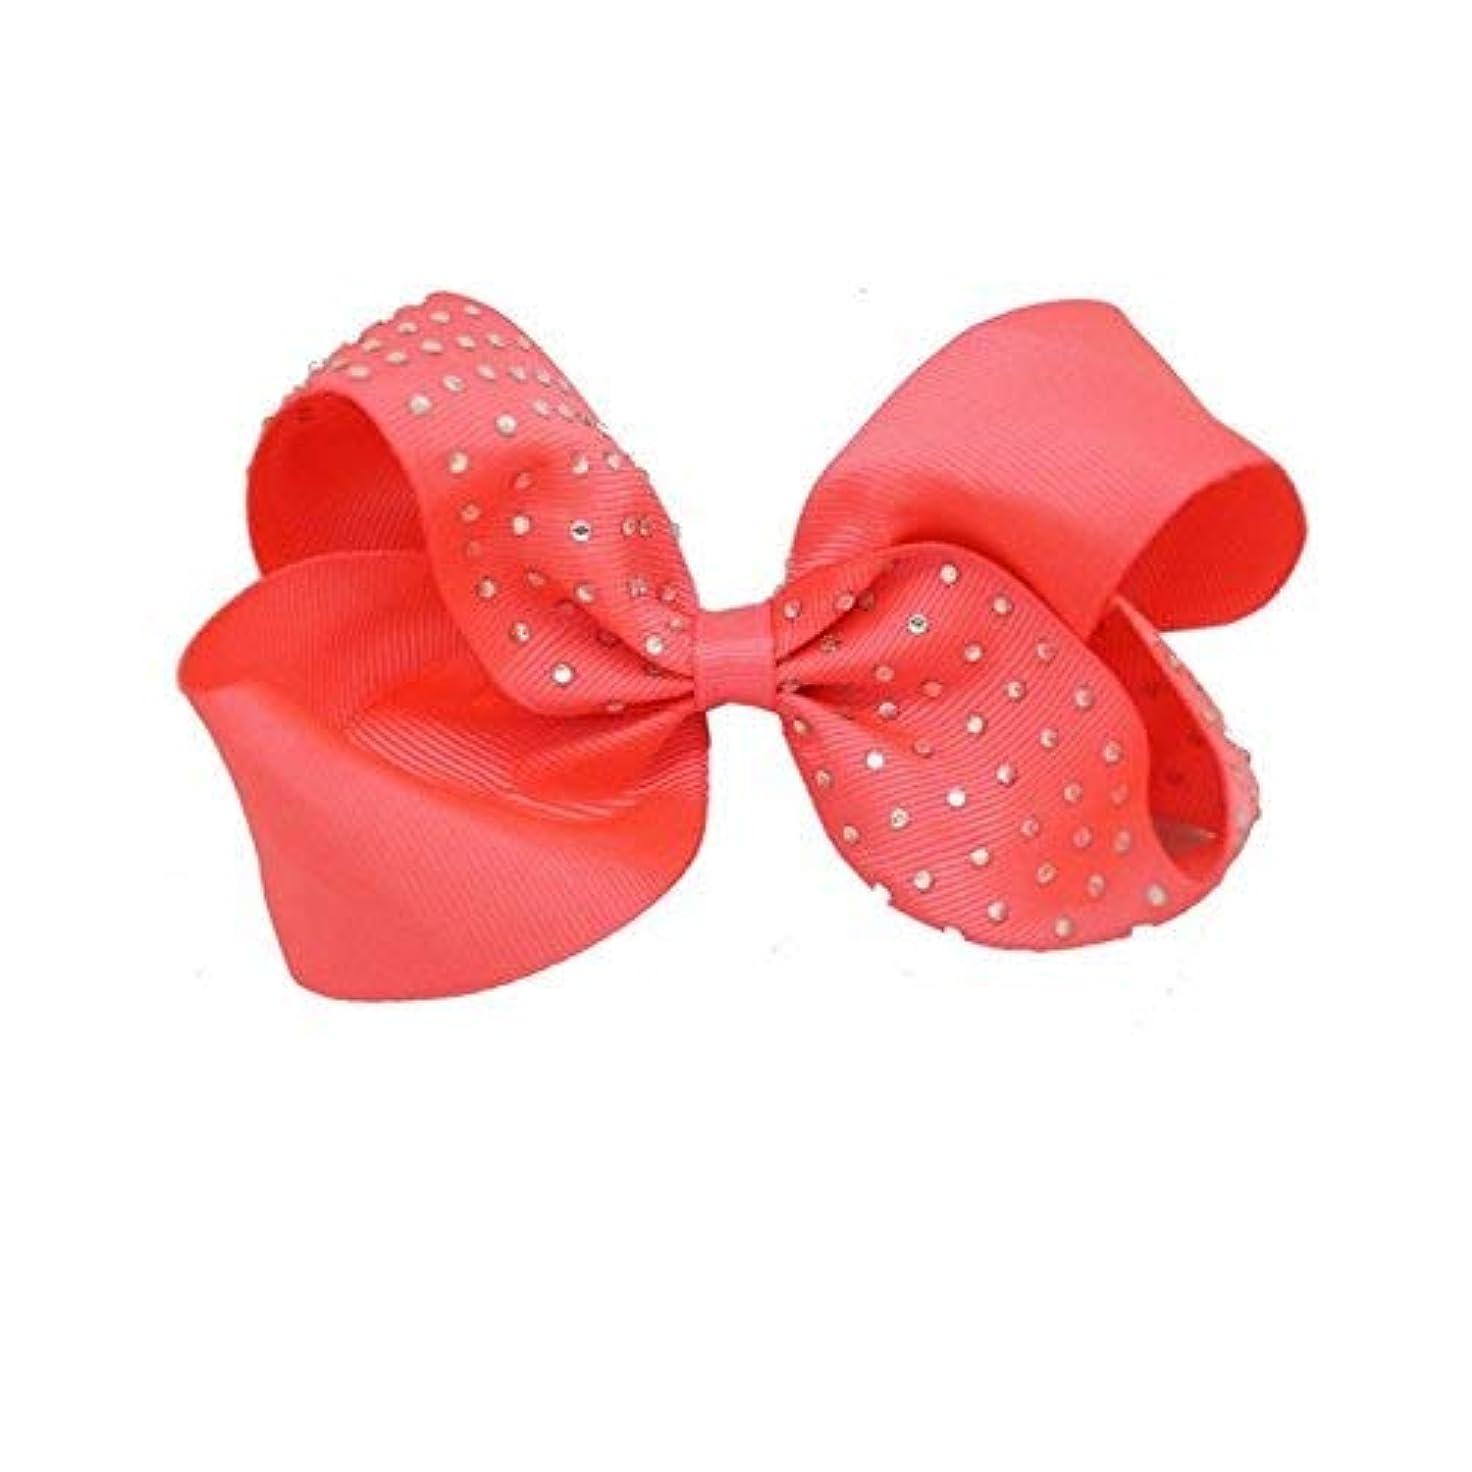 スモッグ定数メジャーHPYOD HOME 小さな女の子の髪の装飾のためのちょう結びのヘアクリップかわいいヘアクリップ